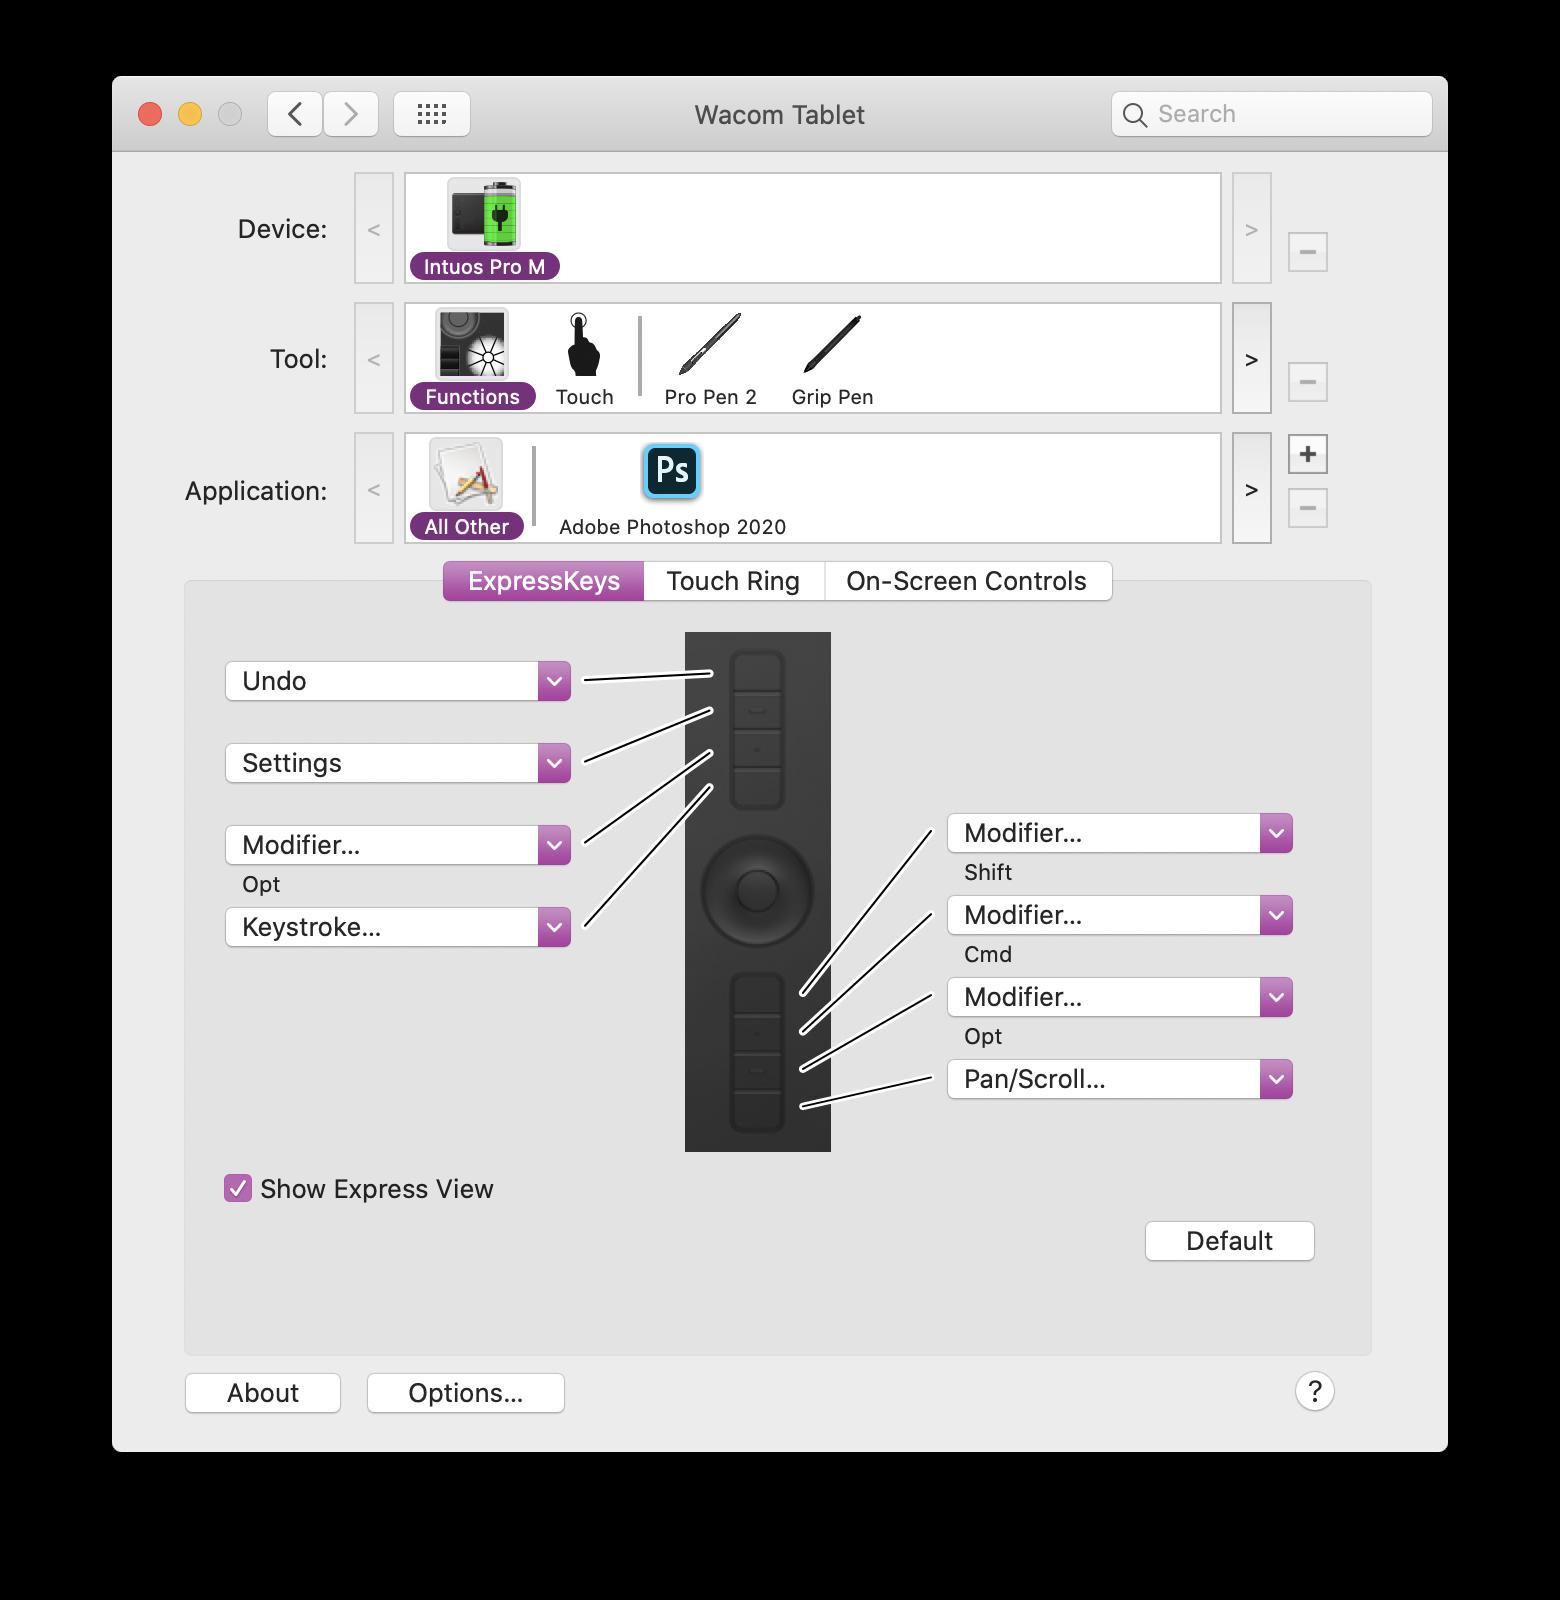 Wacom タブレット プロパティ画面